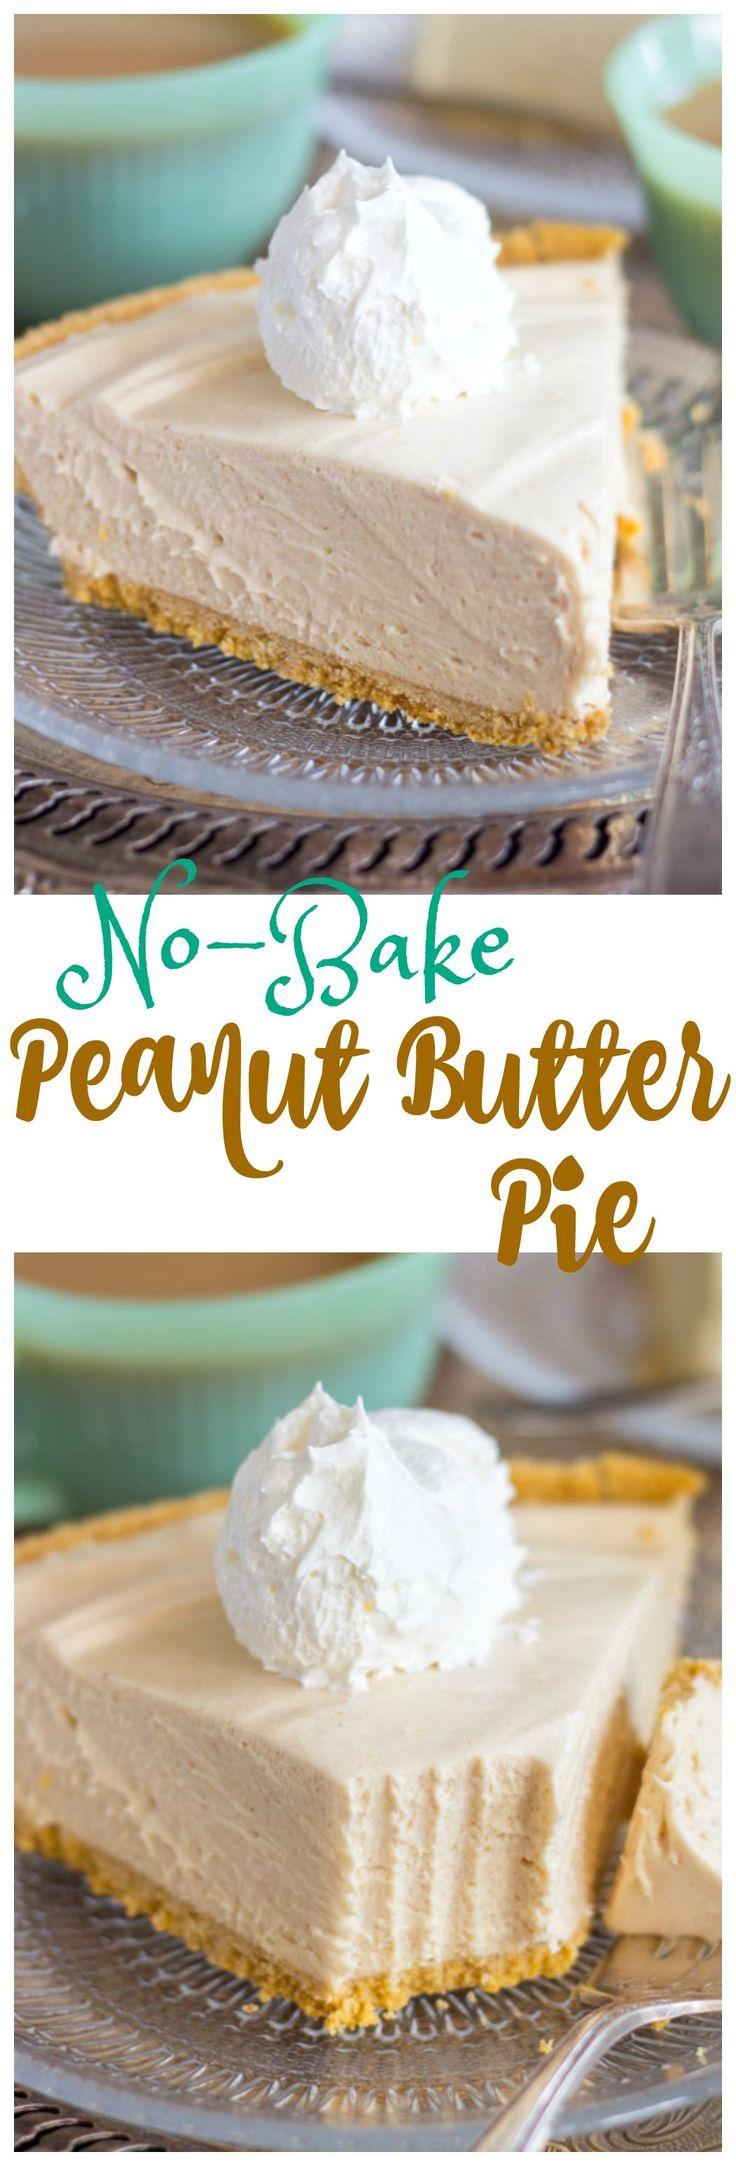 No-Bake Peanut Butter Pie recipe thegoldlininggirl.com pin